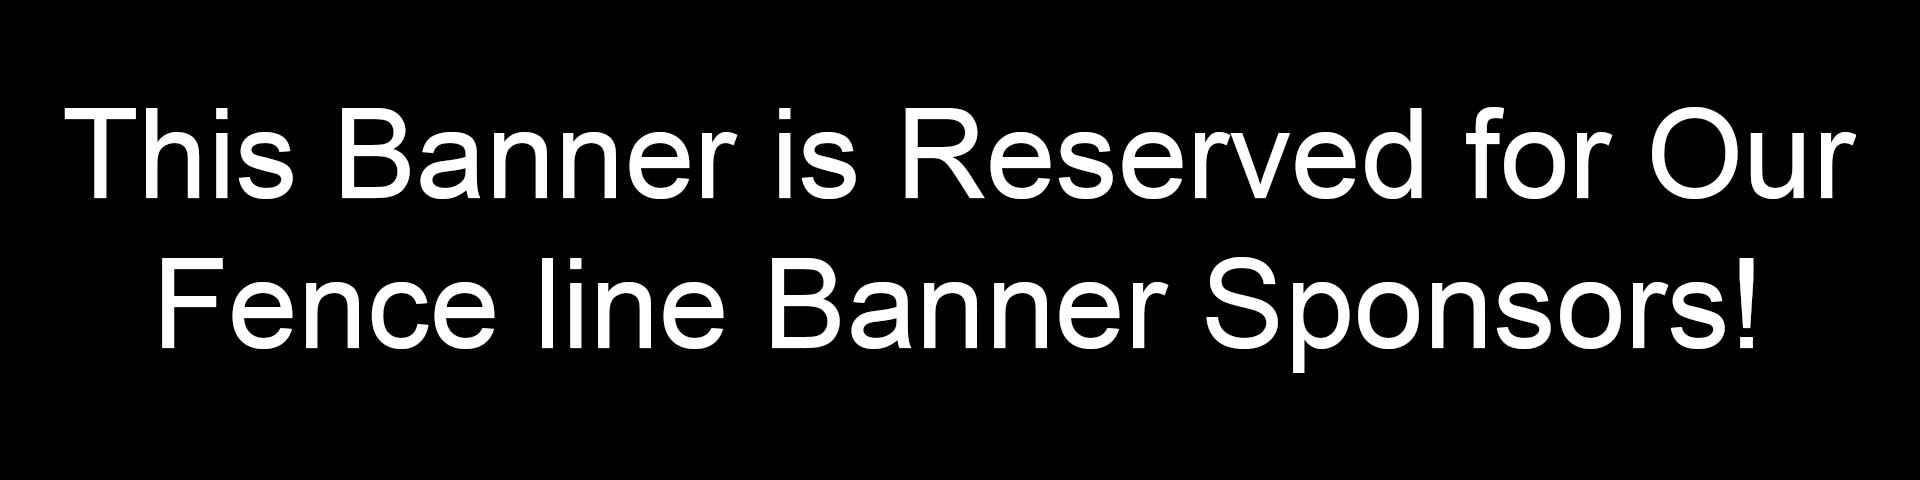 Fenceline_Roadside_Banner_Sponsor_eLocal